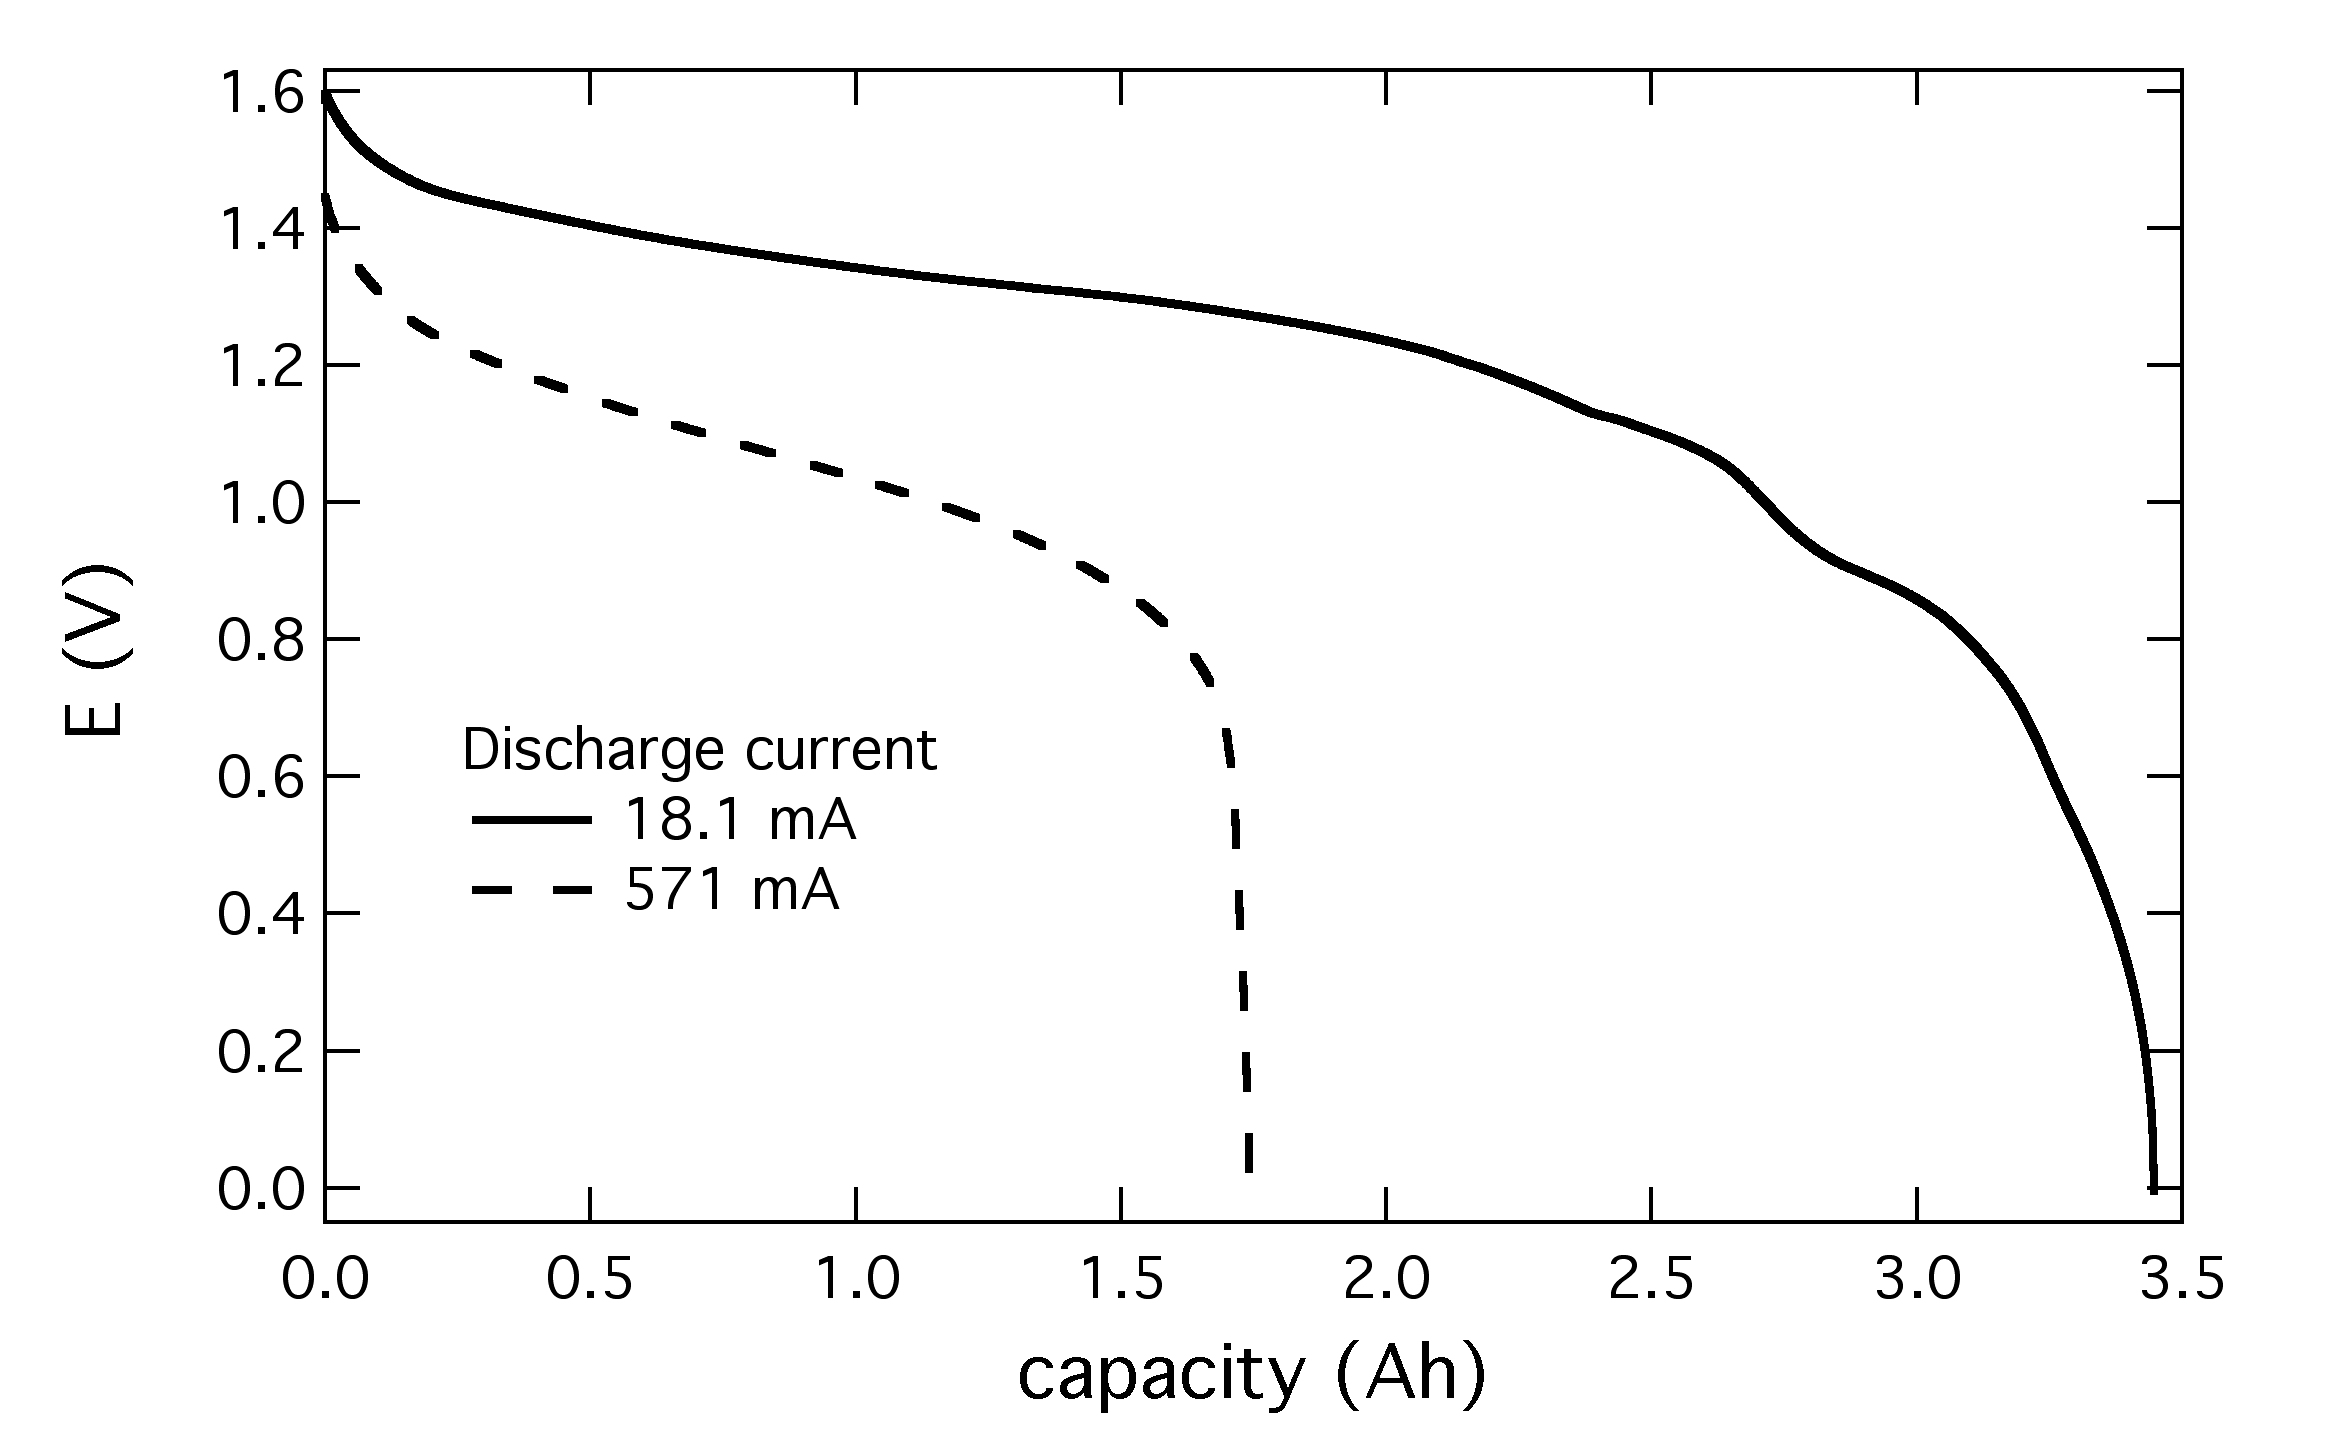 AA_capacity1